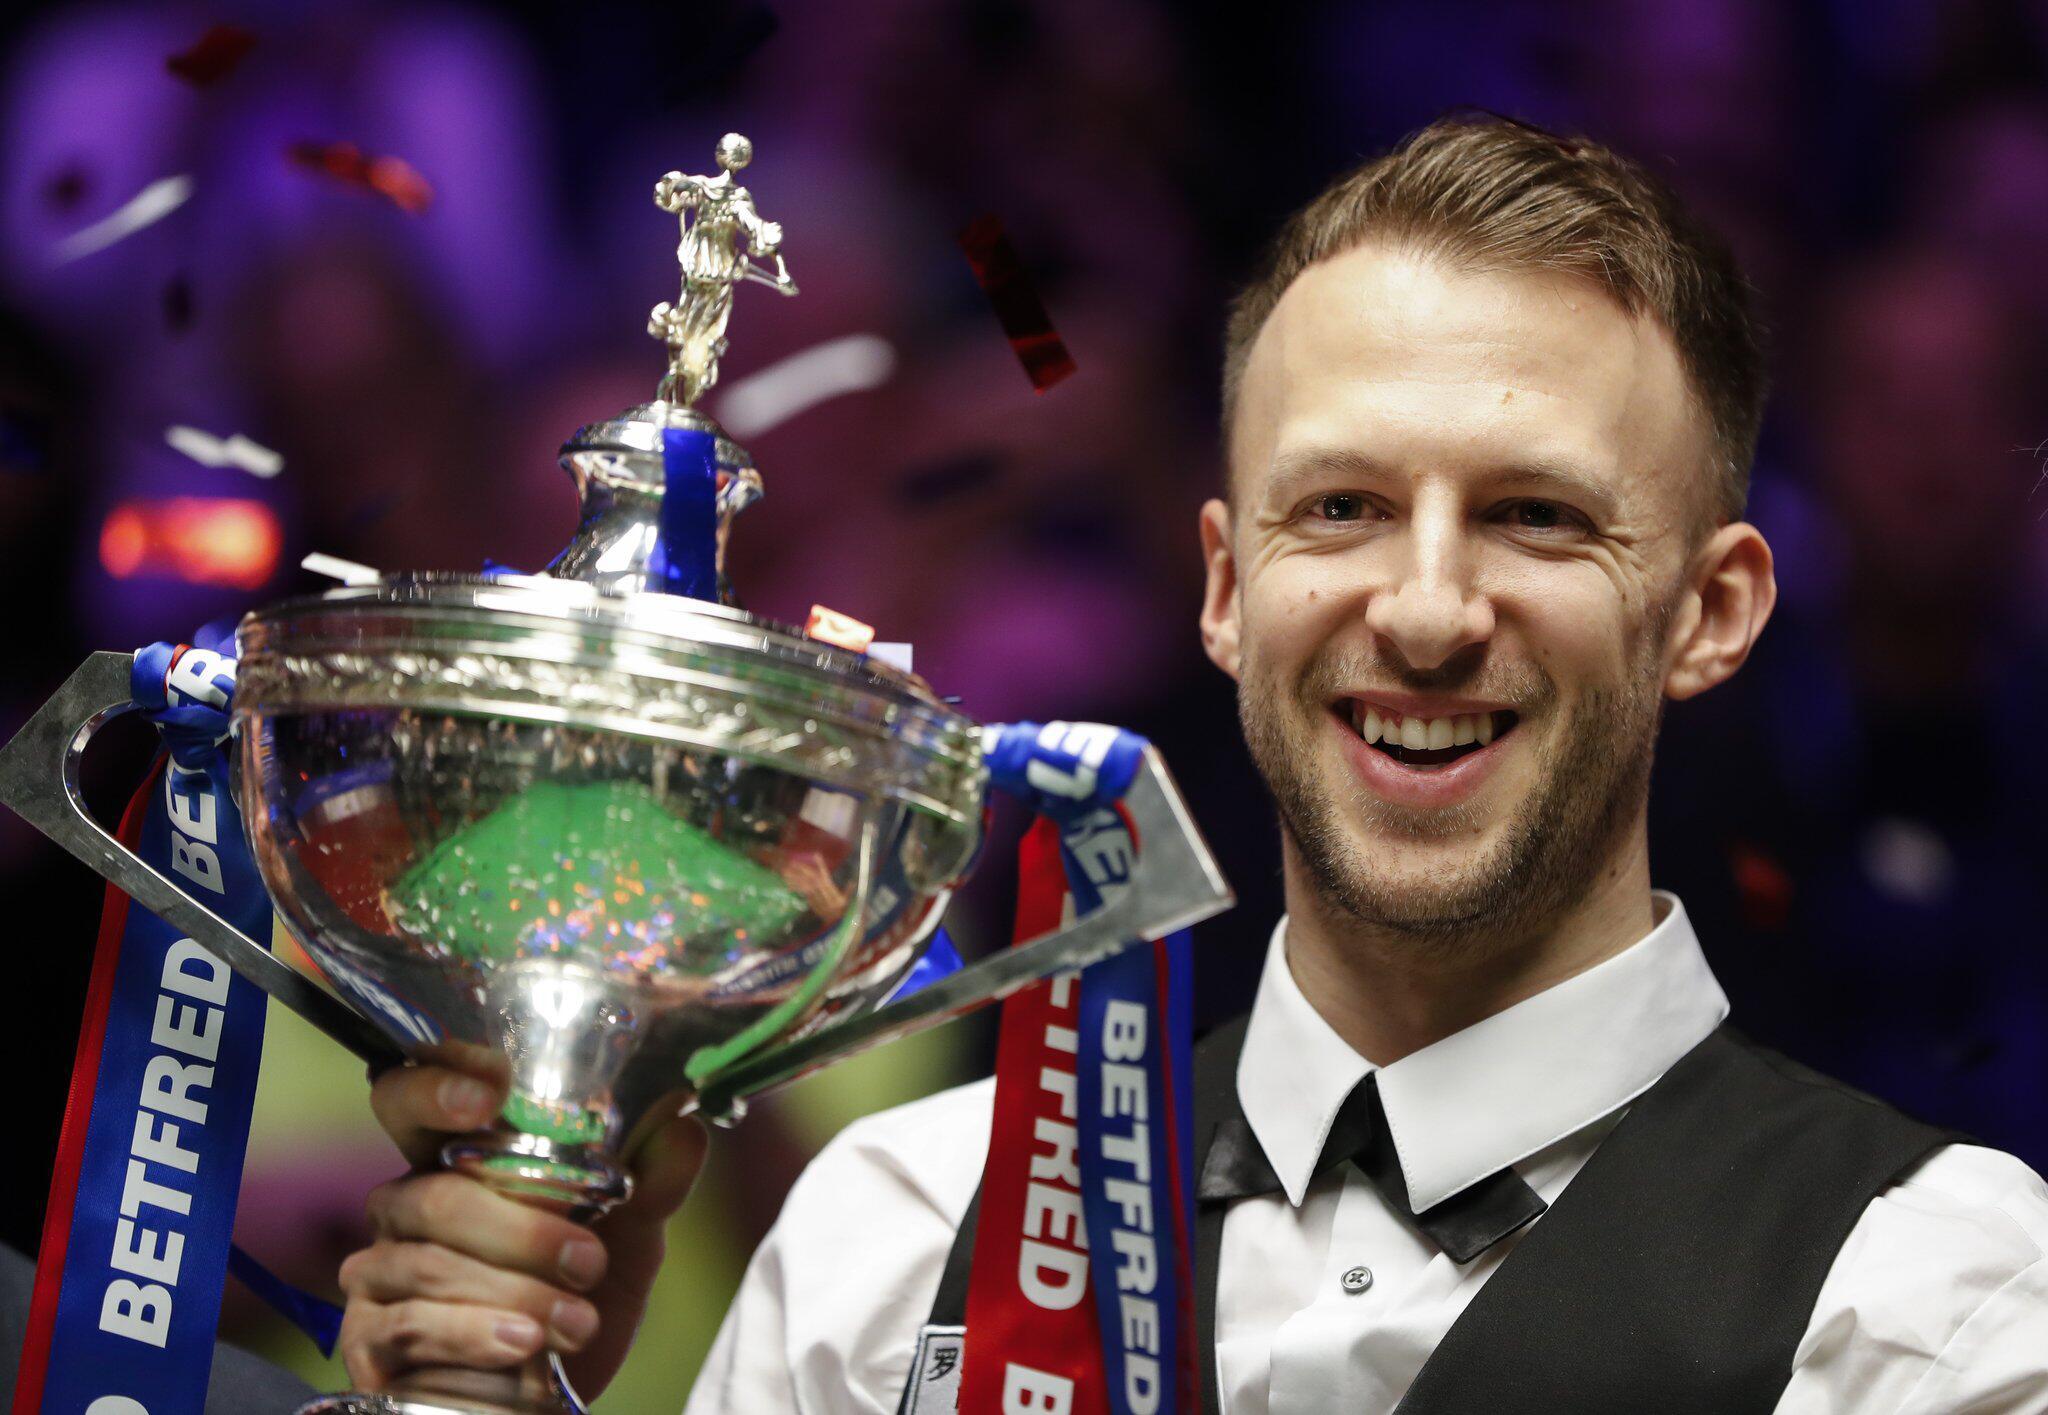 Bild zu Judd Trump, Snooker, WM, Finale, Sheffield